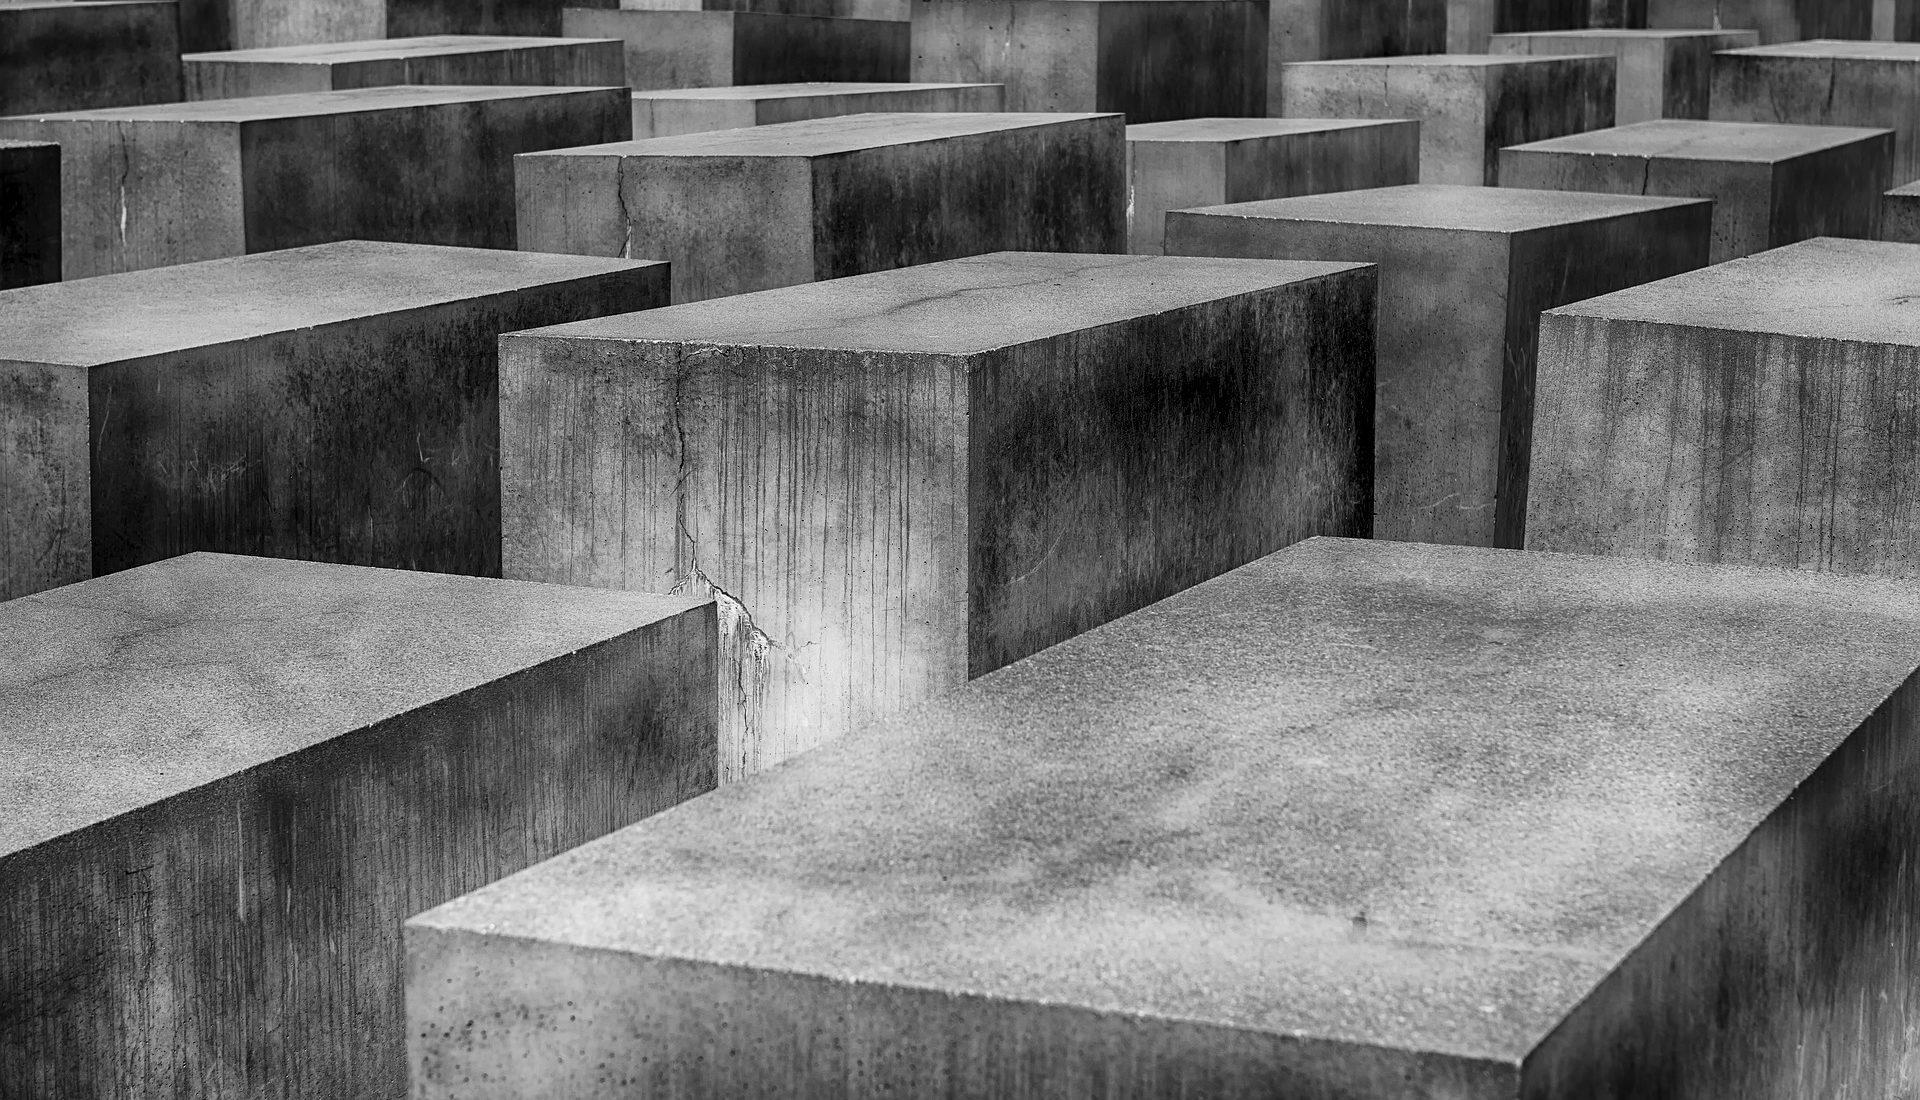 Memoriale per gli ebrei assassinati d'Europa